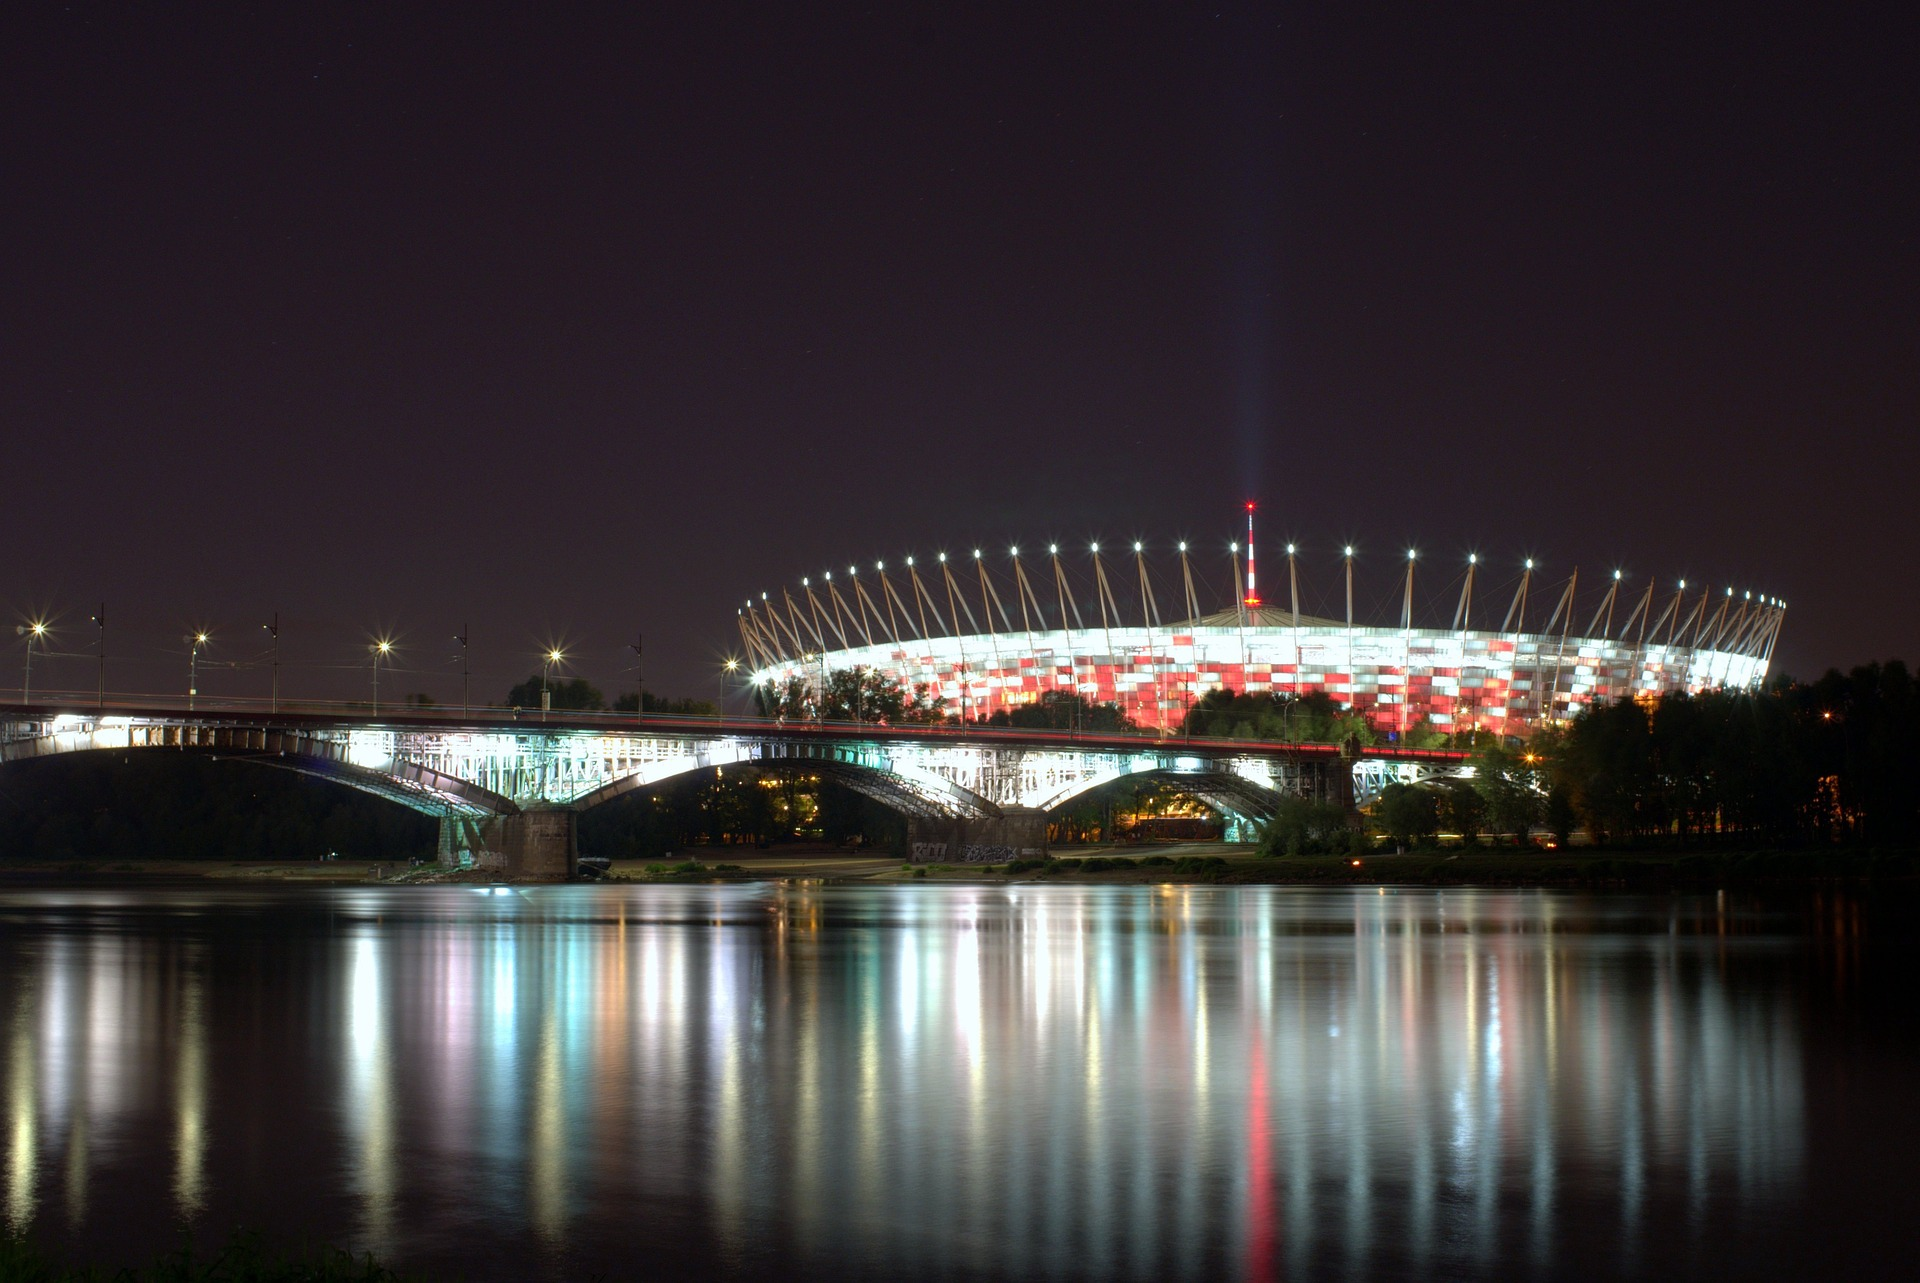 niezwykłych atrakcji w Warszawie